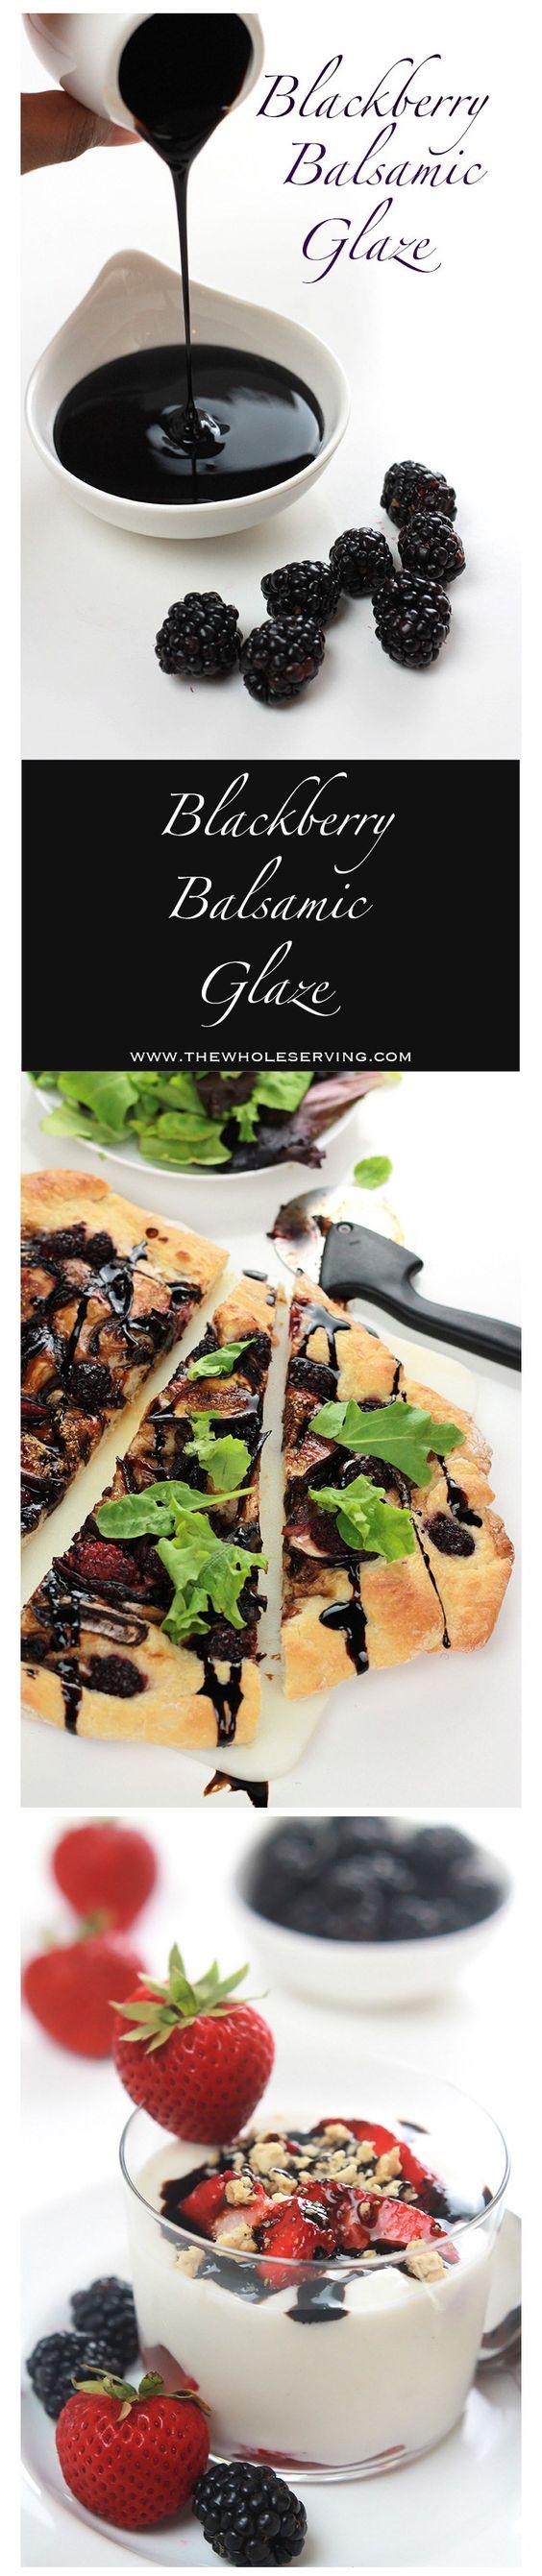 blackberry recipes for balsamic glaze